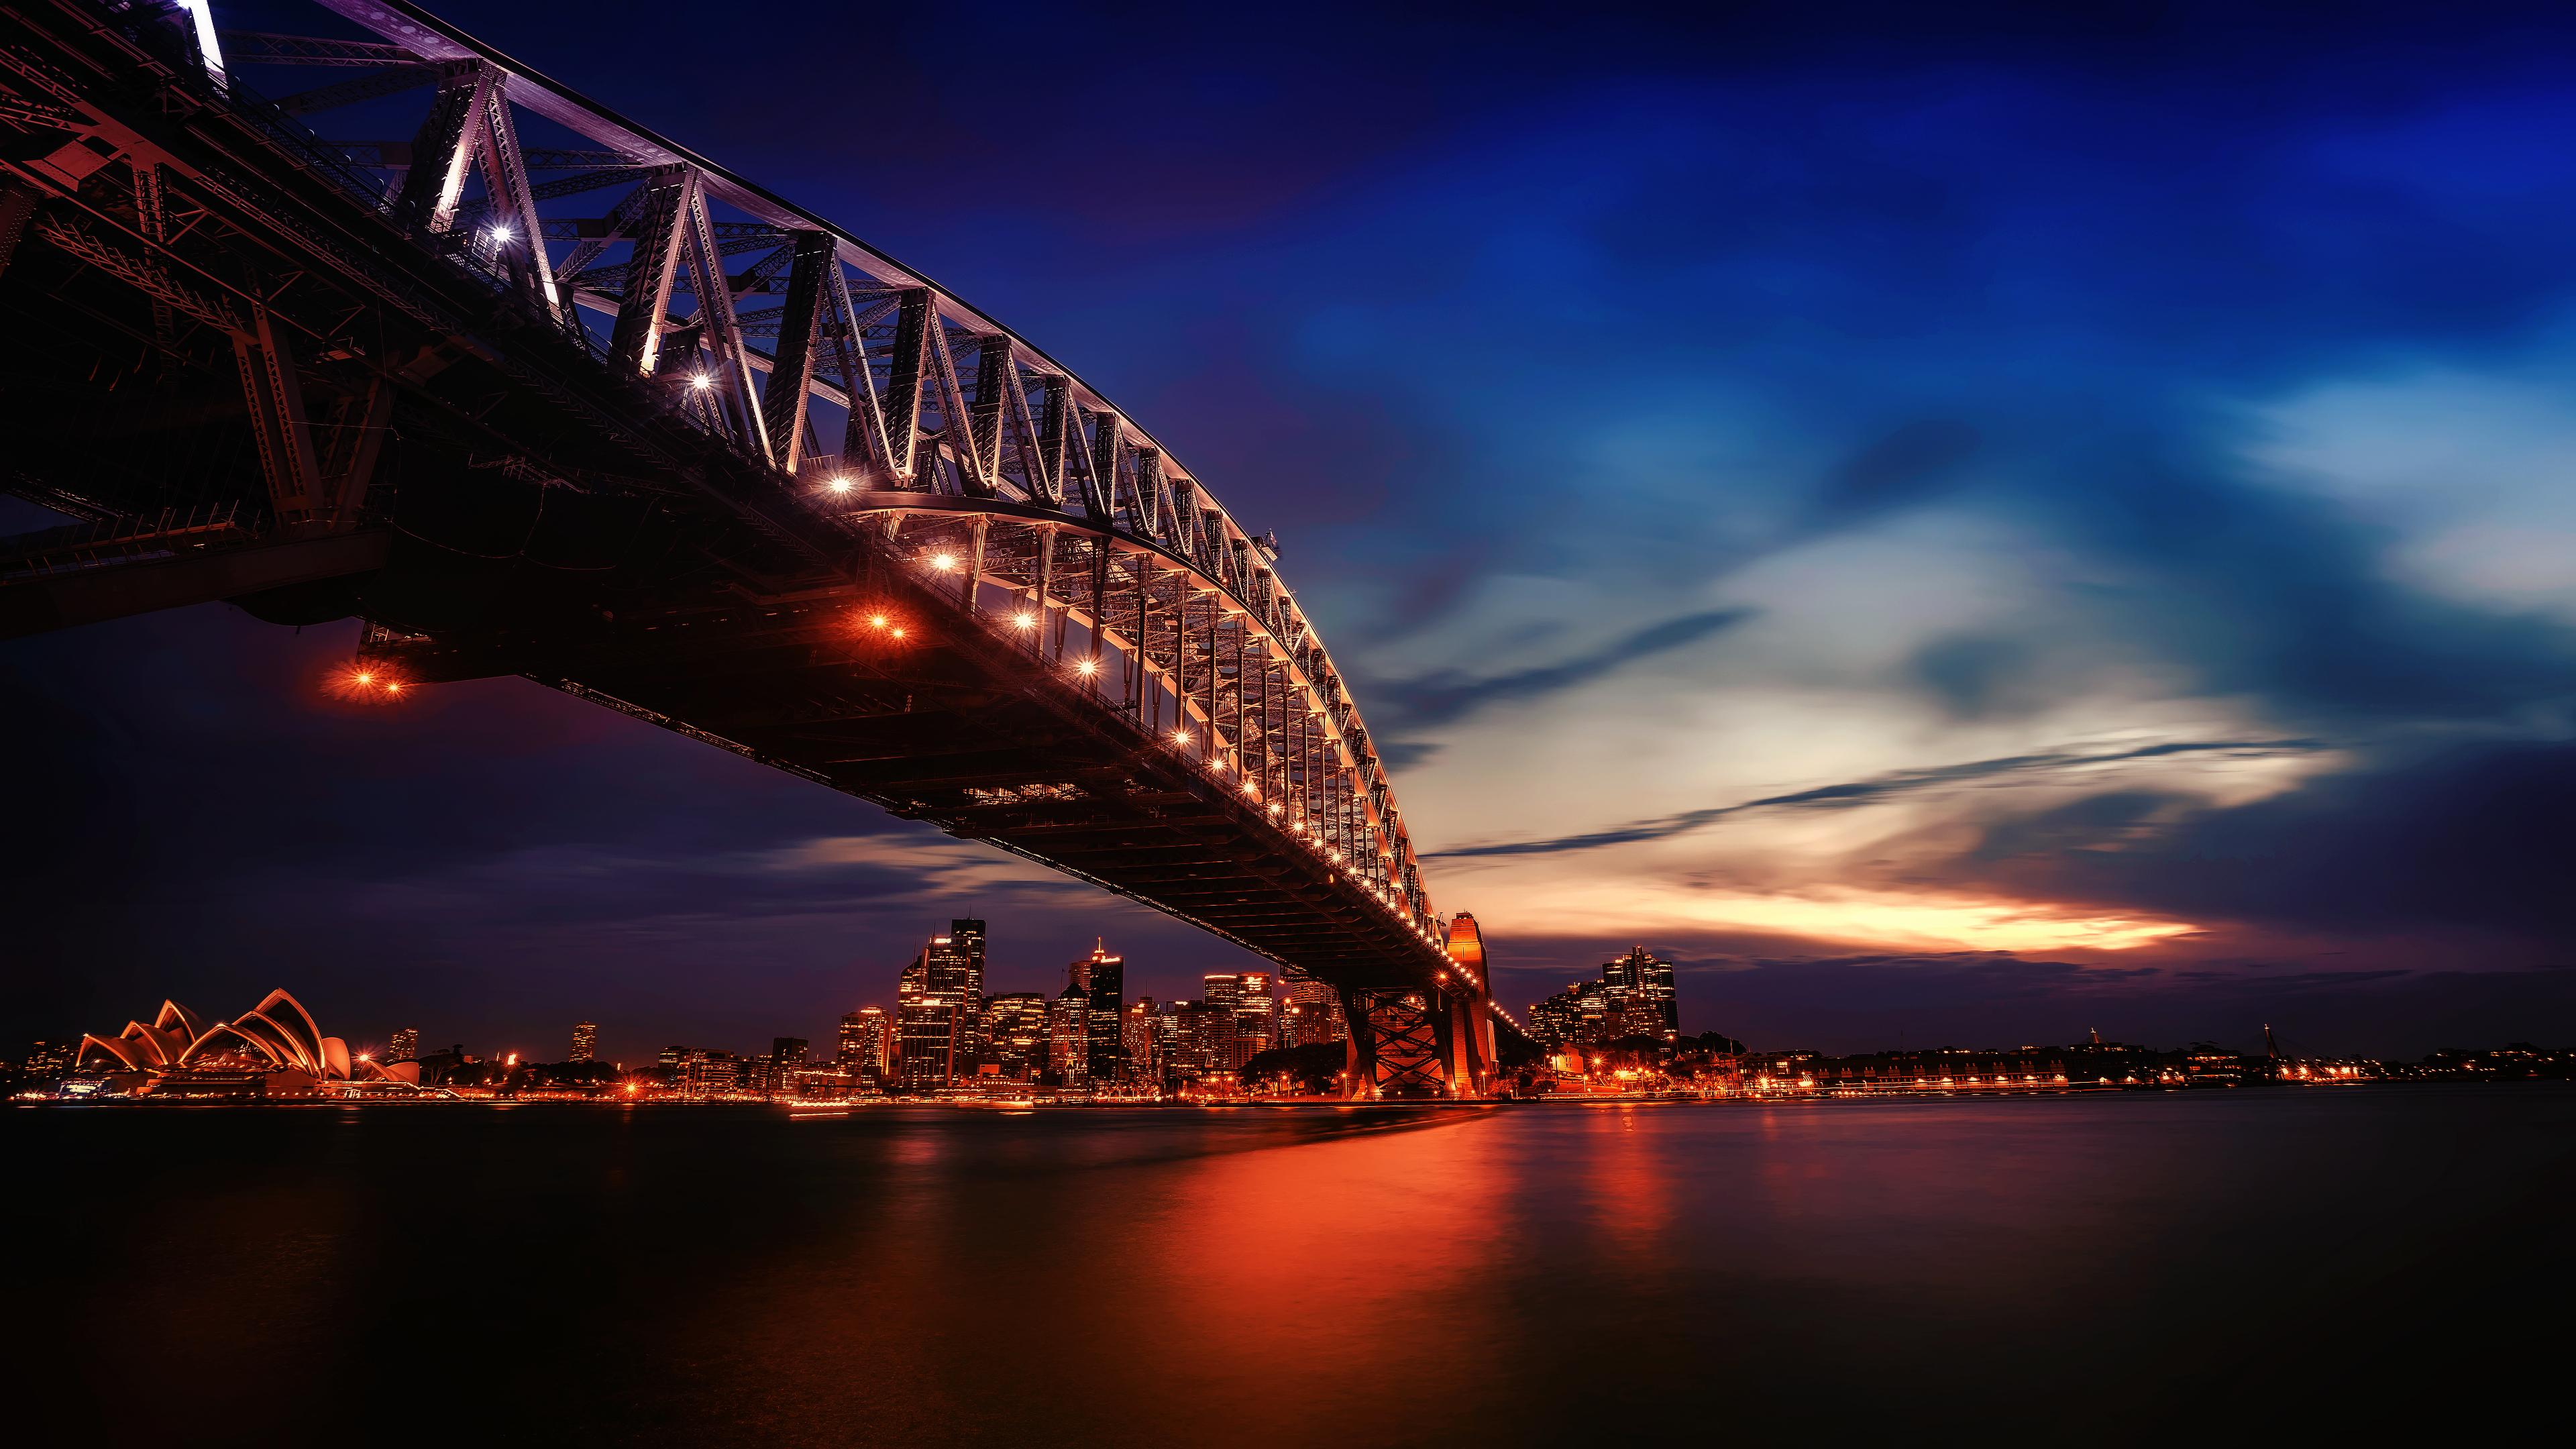 city lights sydney harbour bridge 4k 1560535785 - City Lights Sydney Harbour Bridge 4k - world wallpapers, sydney wallpapers, hd-wallpapers, bridge wallpapers, australia wallpapers, 4k-wallpapers